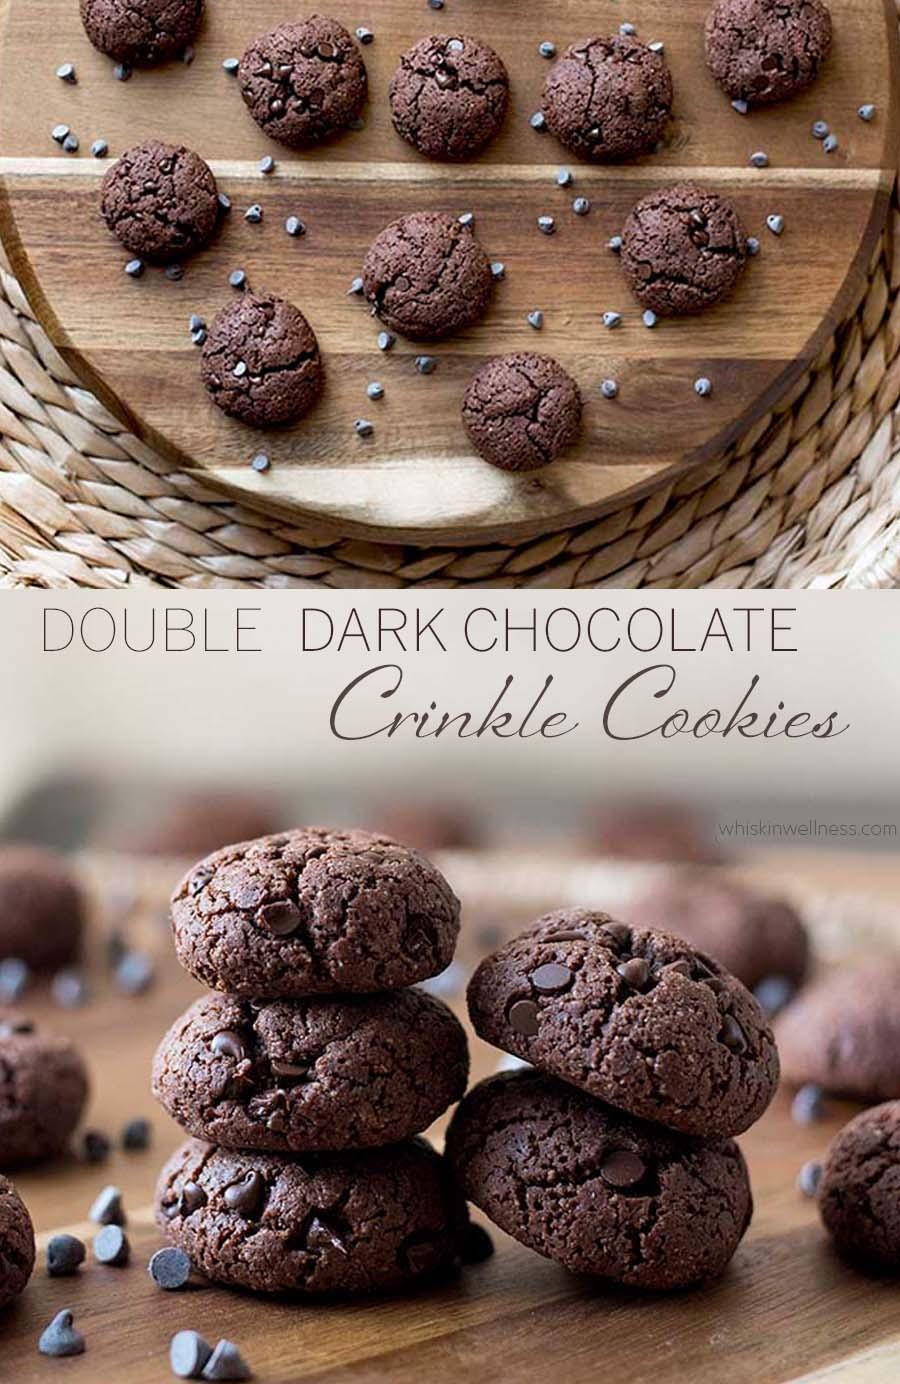 doubledarkchocolatecrinklecookies.pinterest.wiw